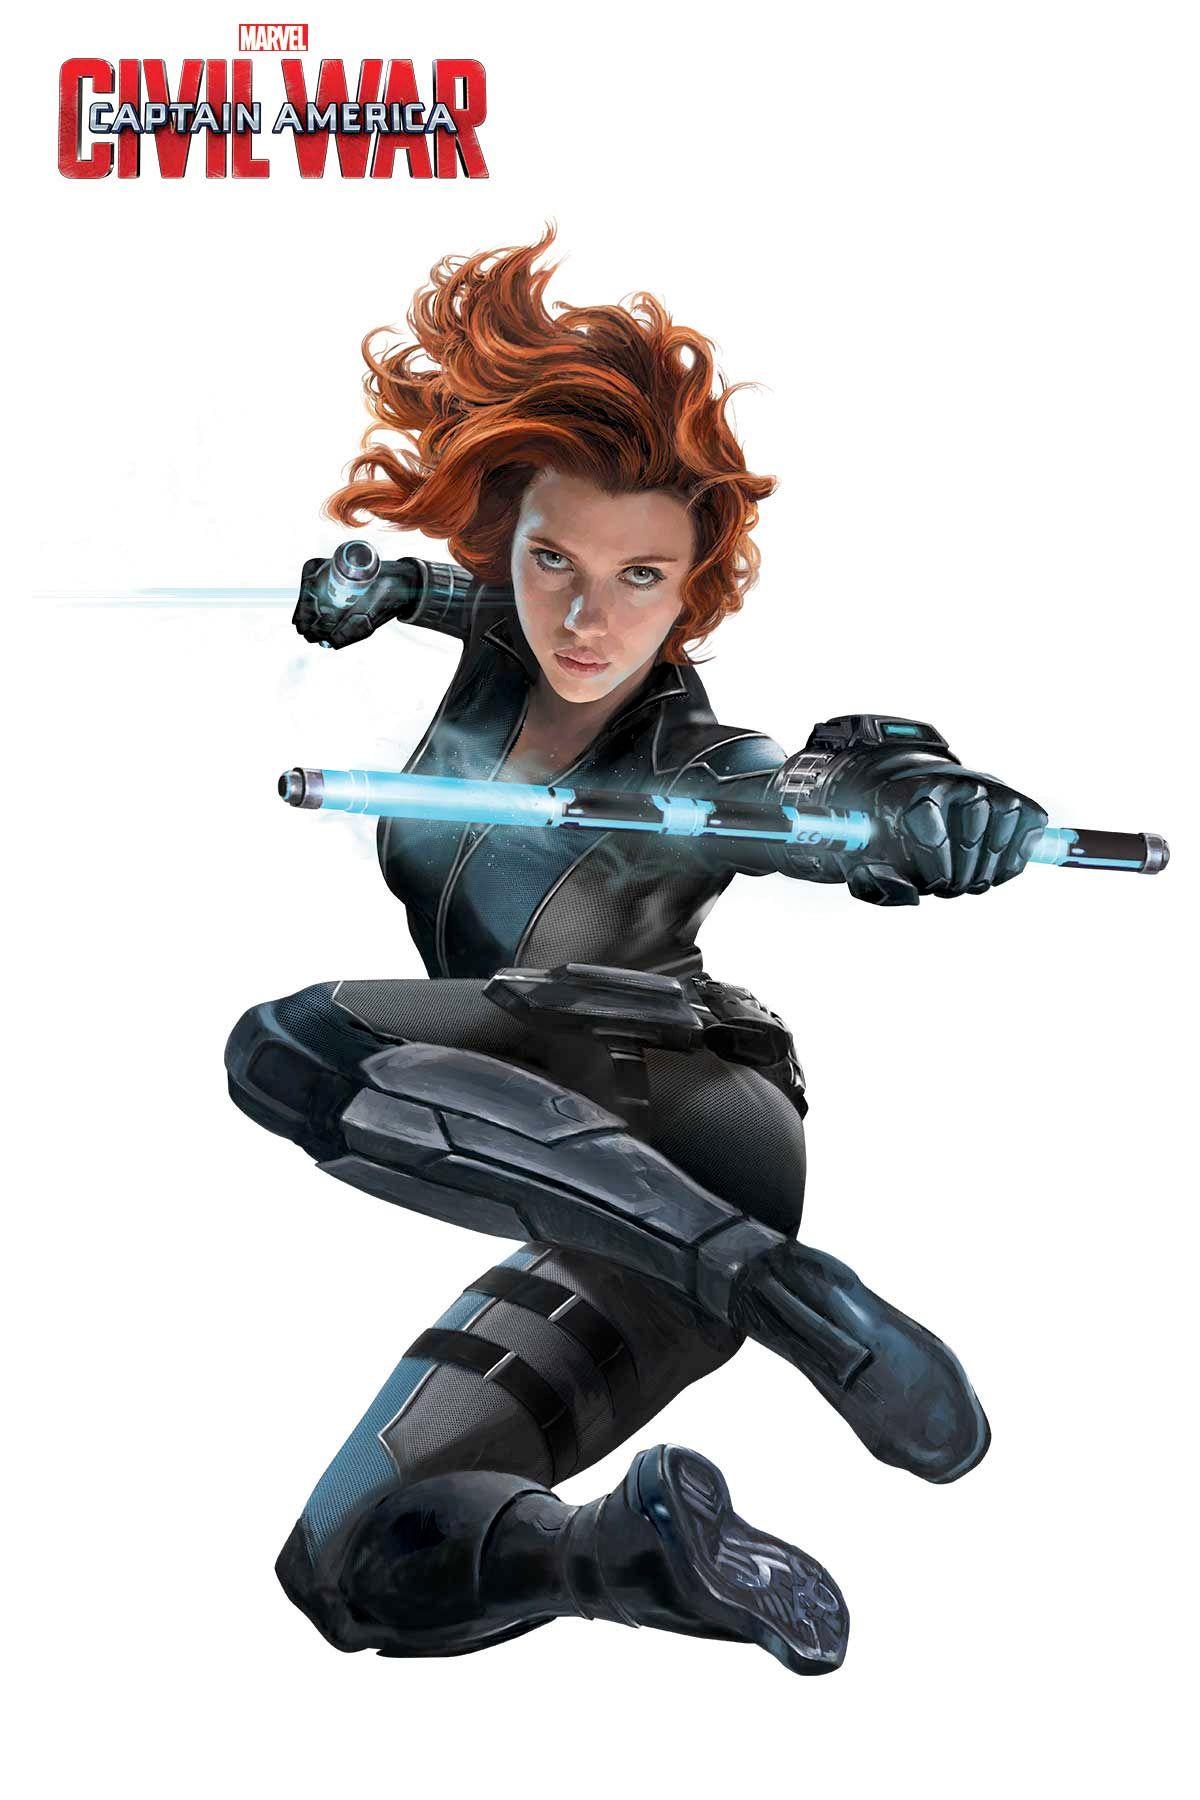 freeuse stock Avengers clipart black widow. Clip art civil war.